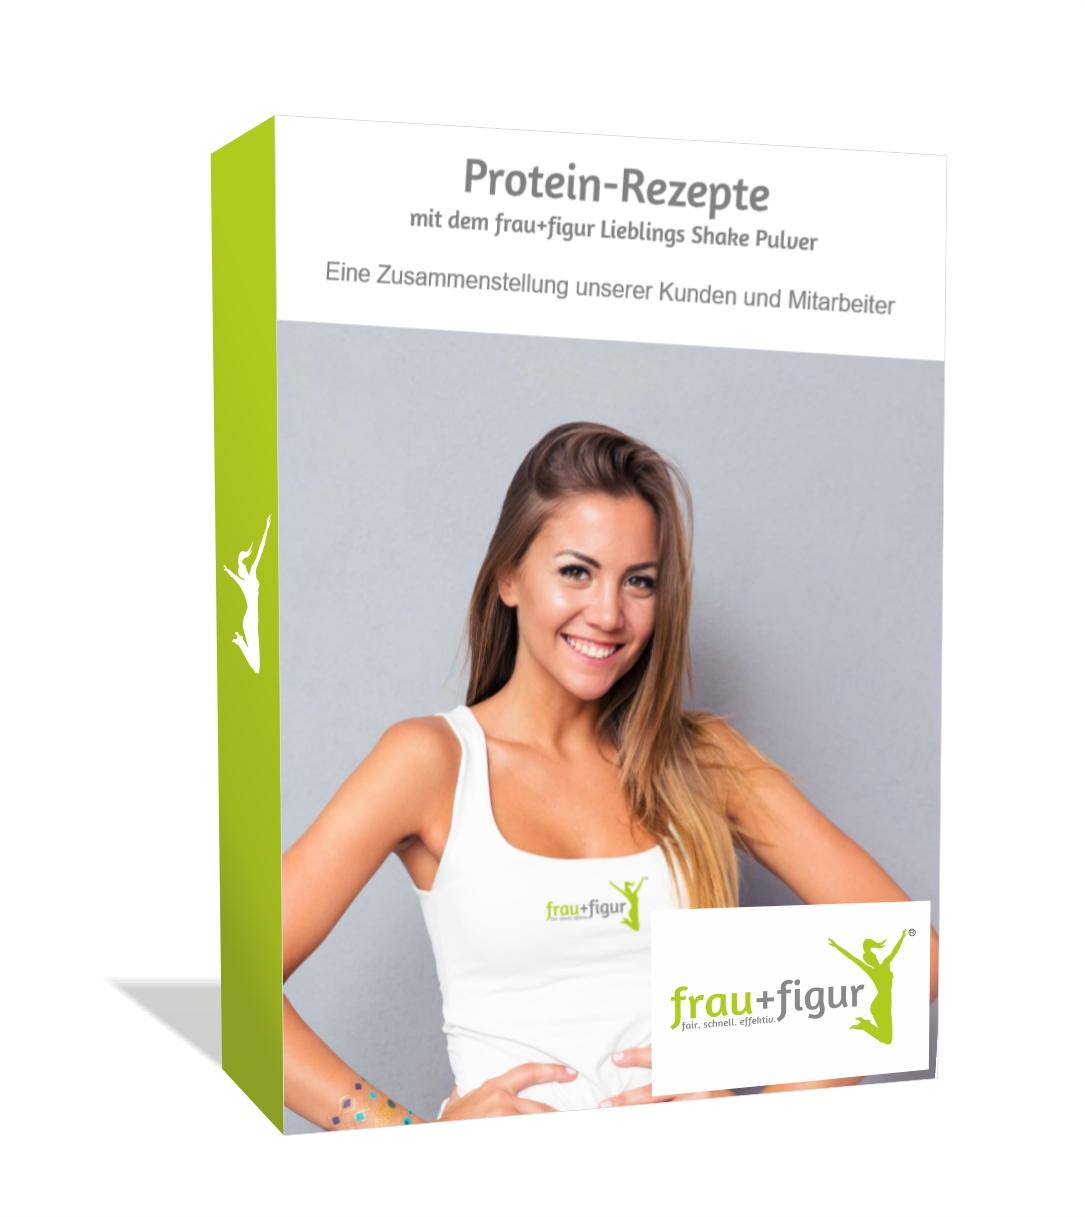 protein rezepte pdf frau figur fitnessclubs. Black Bedroom Furniture Sets. Home Design Ideas